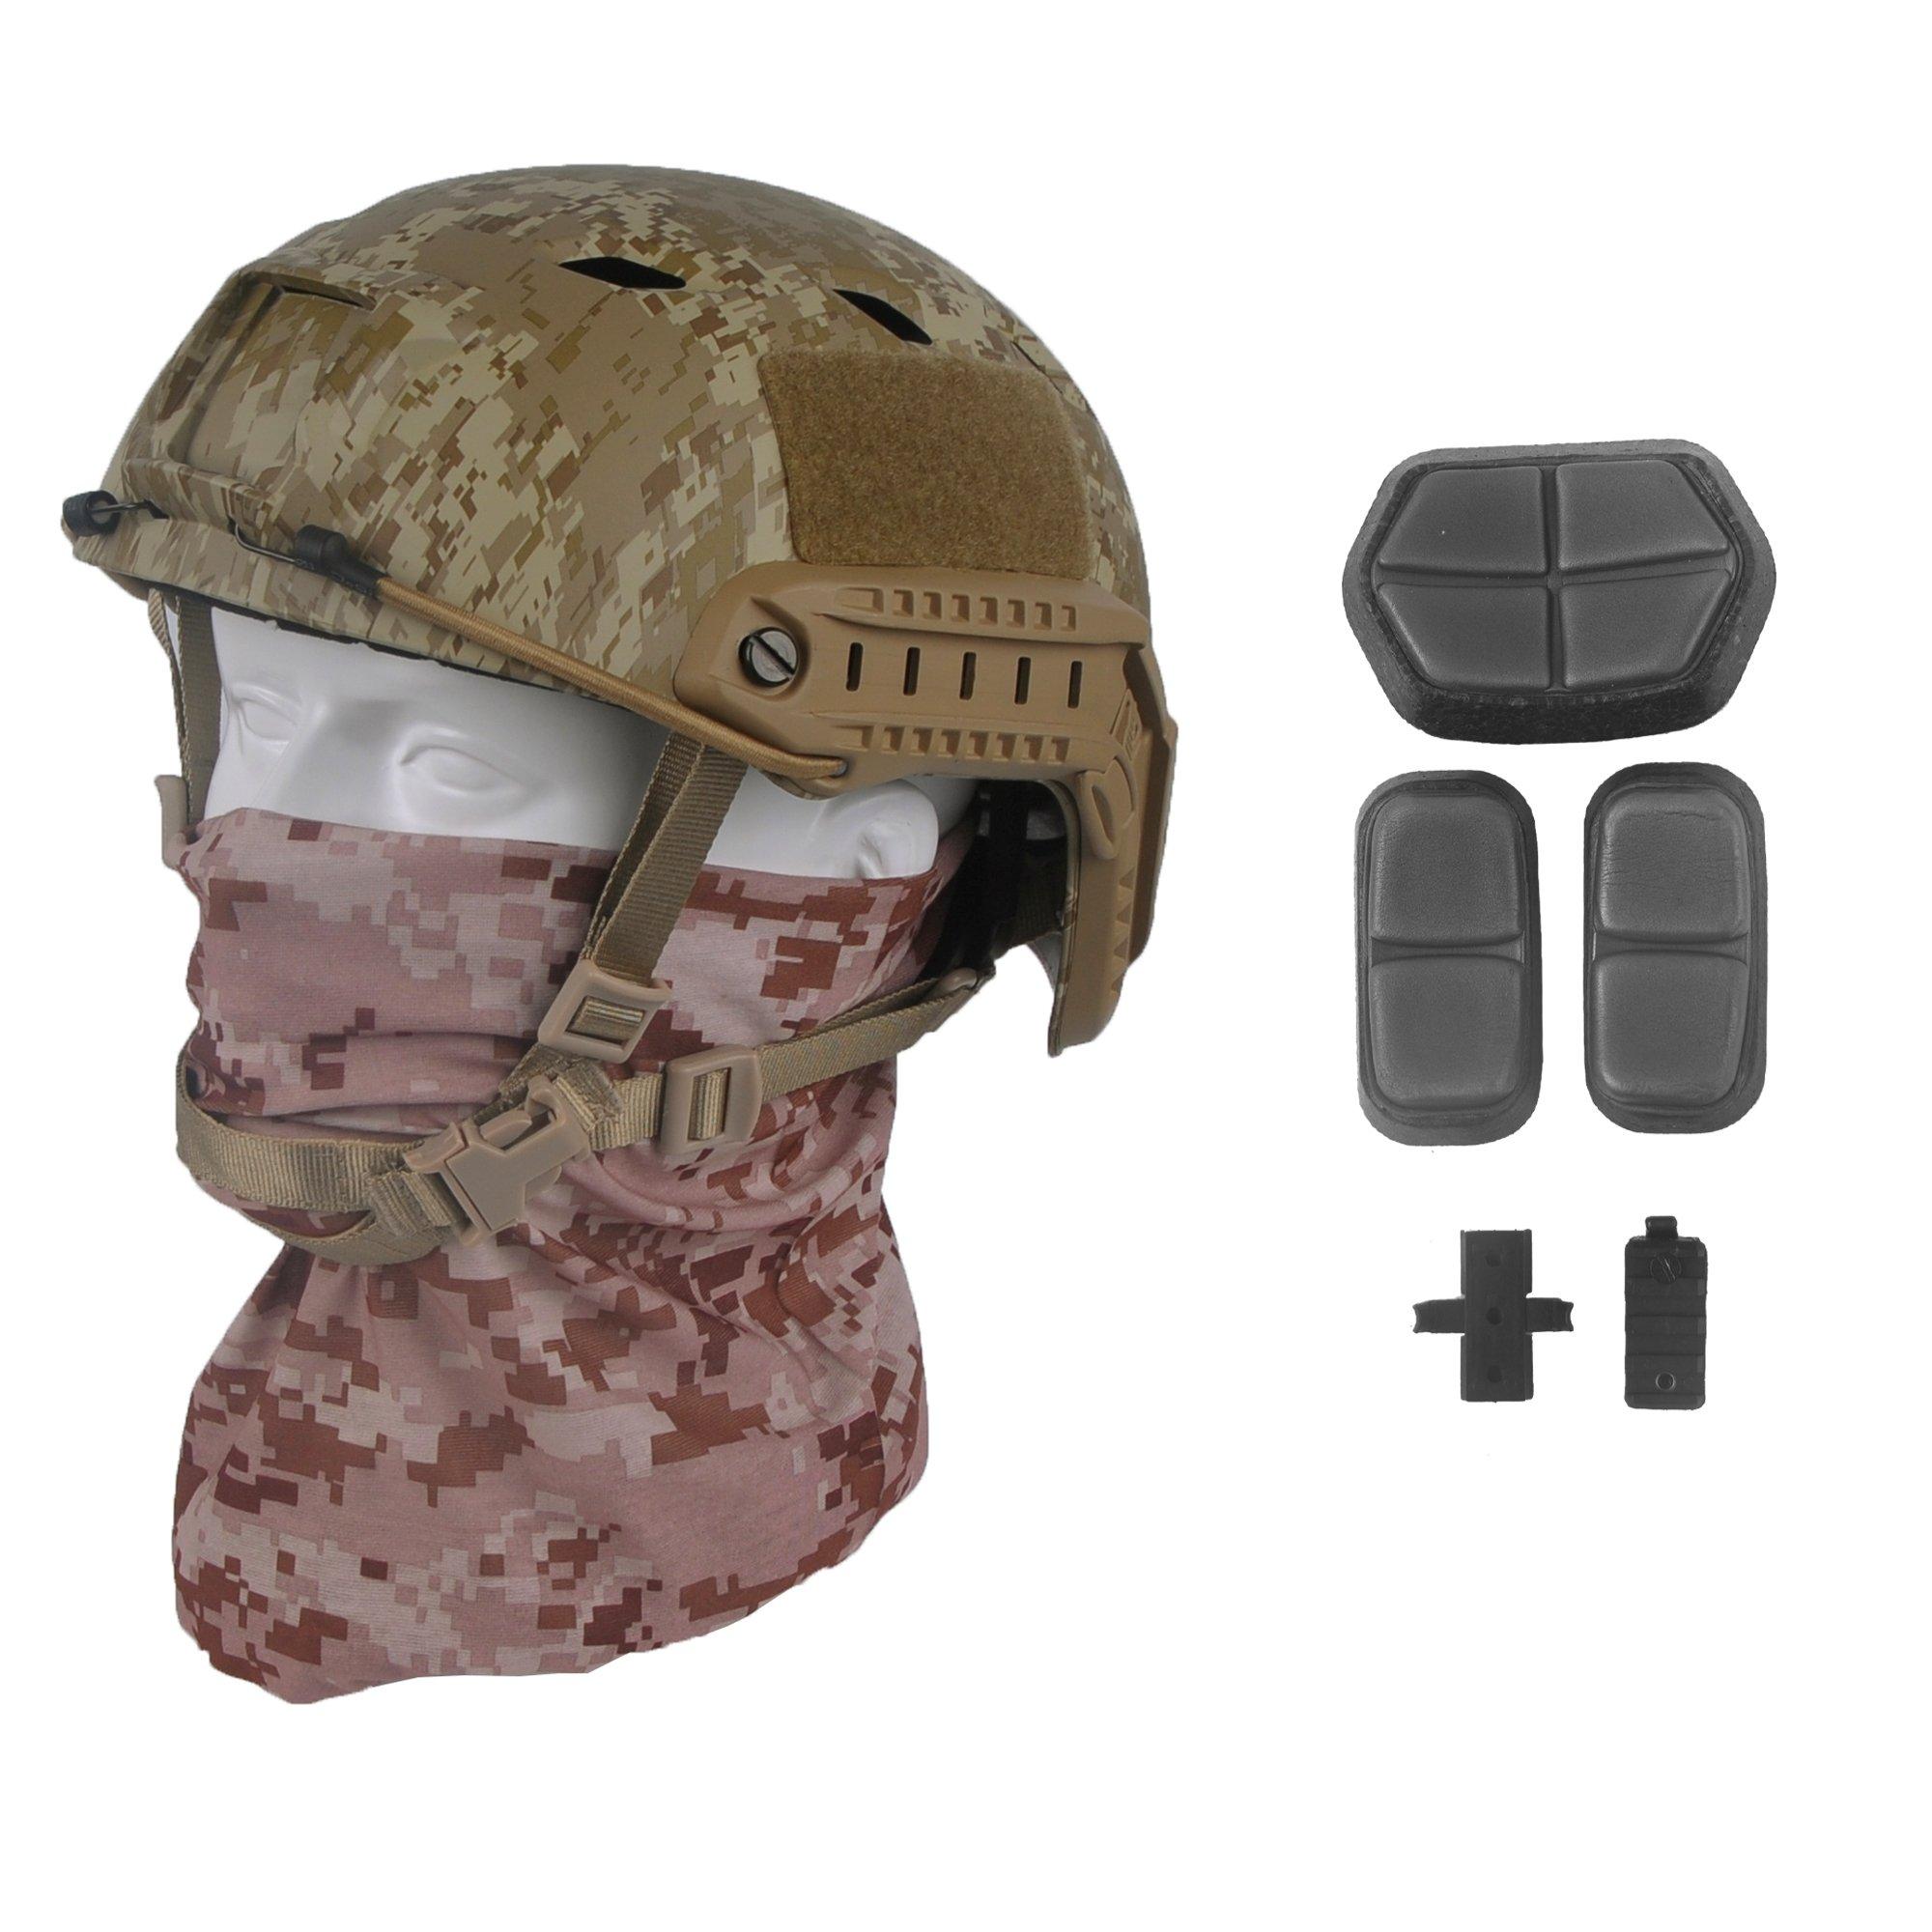 LOOGU Fast BJ Base Jump Military Helmet with 12-in-1 Headwear (AOR1) by LOOGU